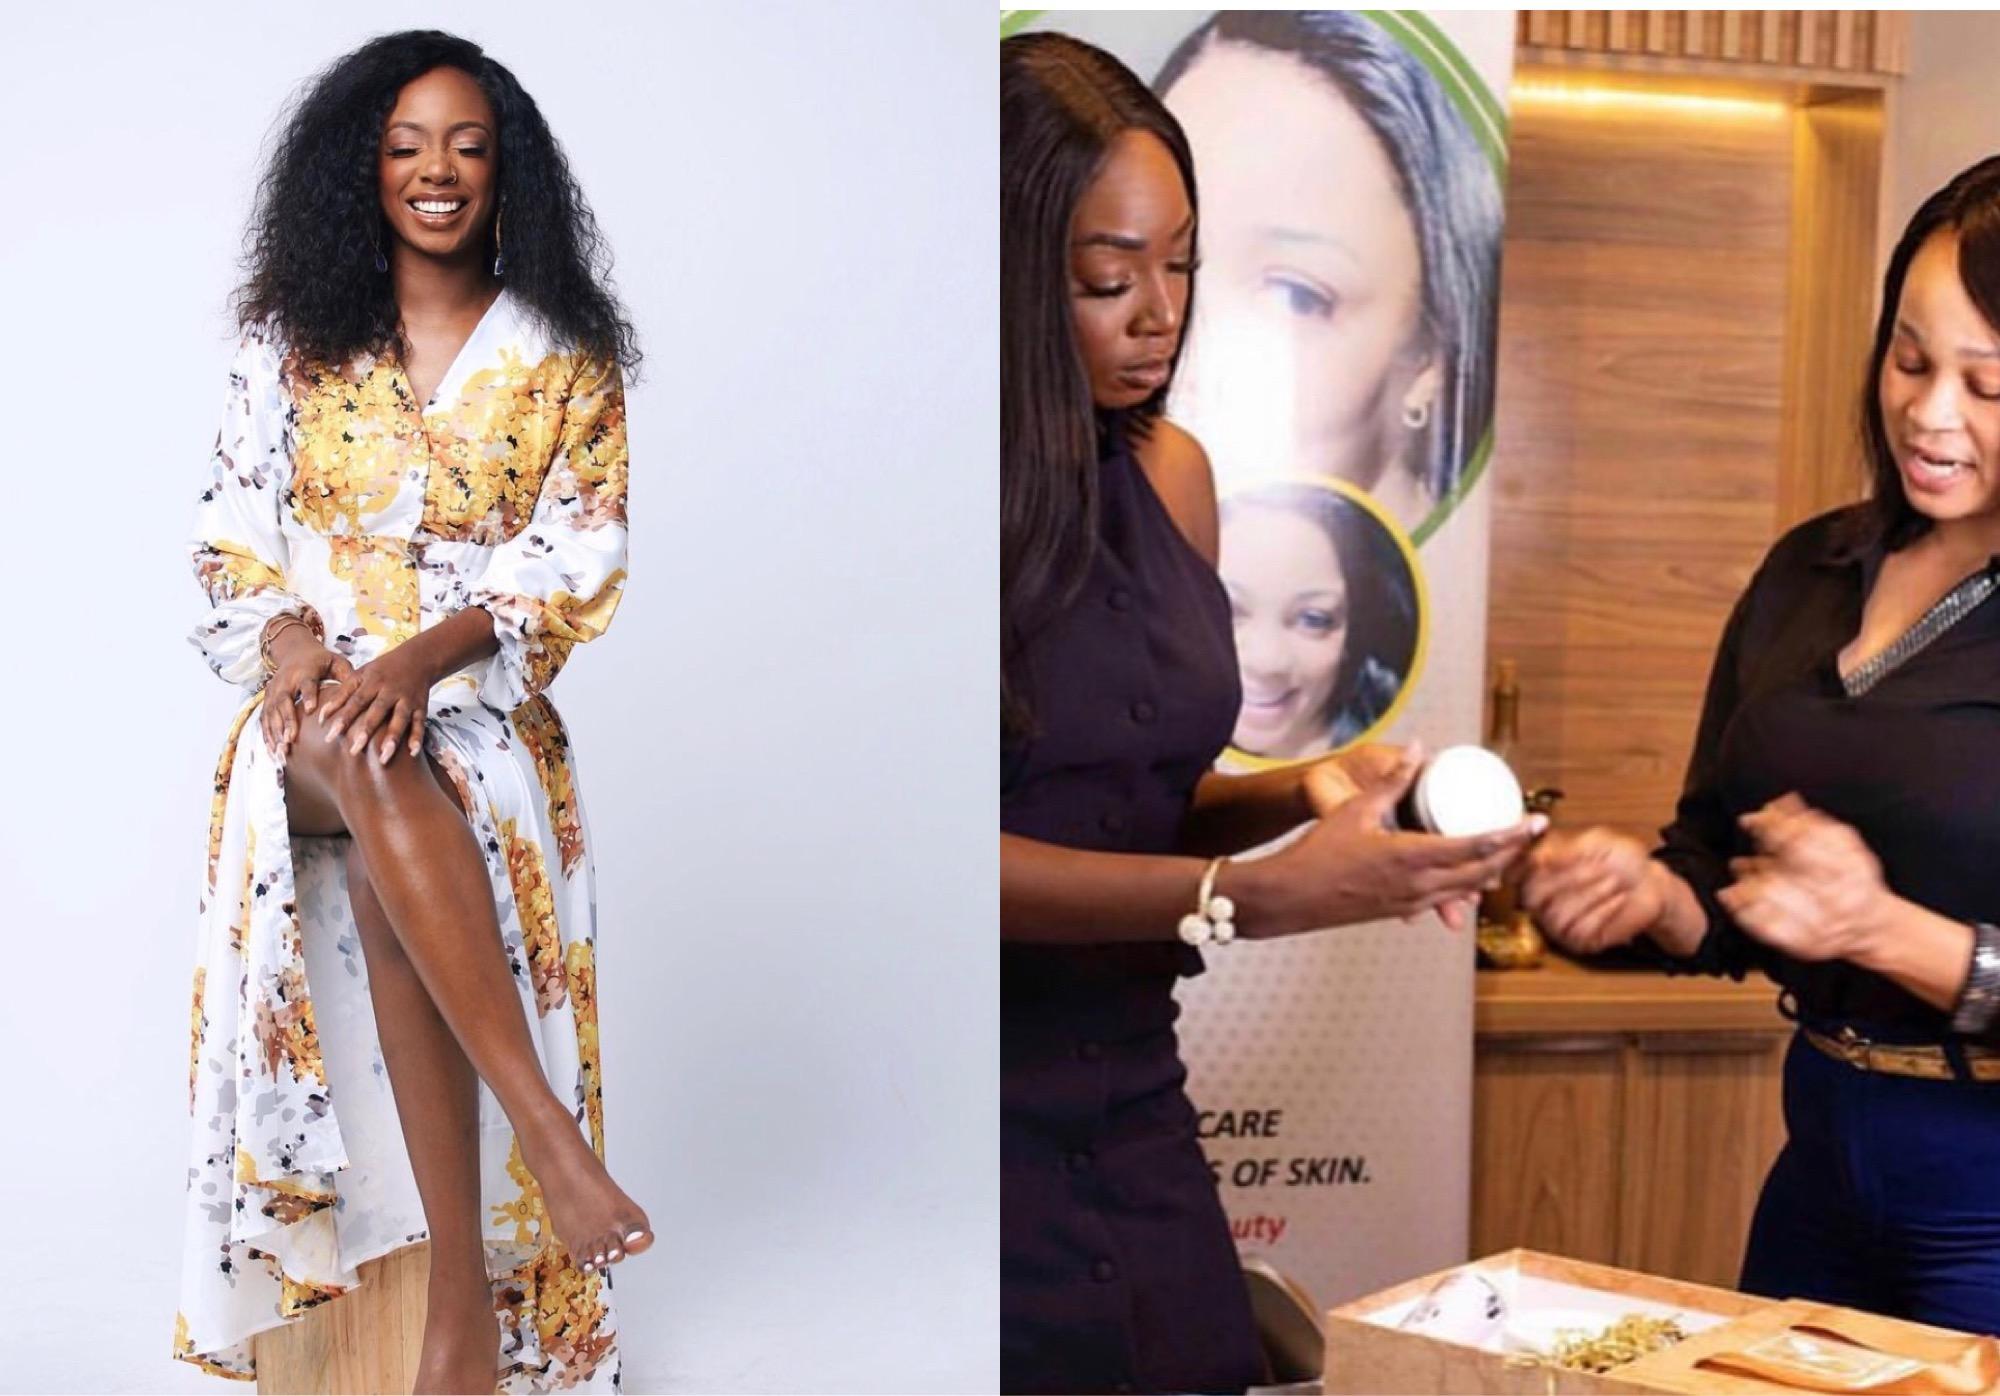 BBNaija's TolaniBaj Bags Endorsement Deal With Skincare Brand